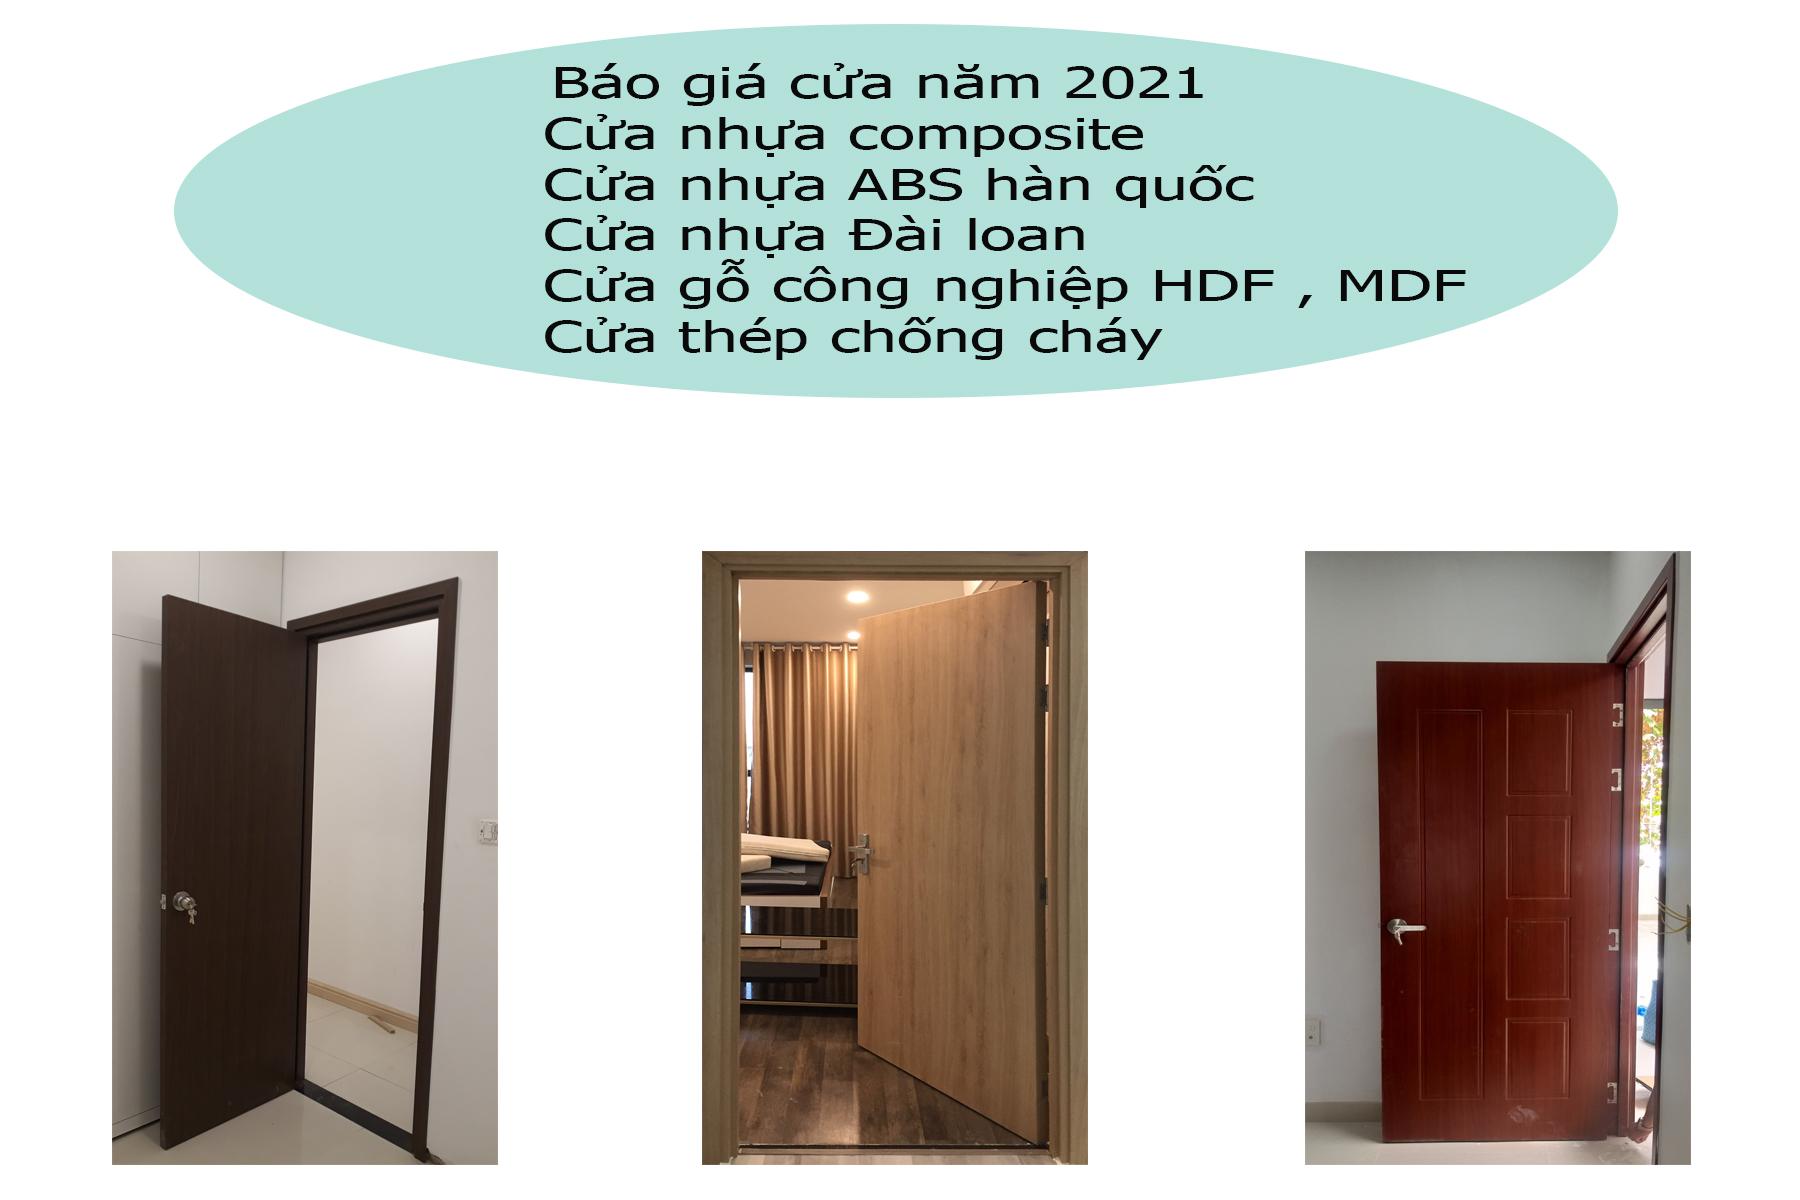 Giá cửa nhựa , cửa gỗ công nghiệp và cửa thép chống cháy năm 2021 0